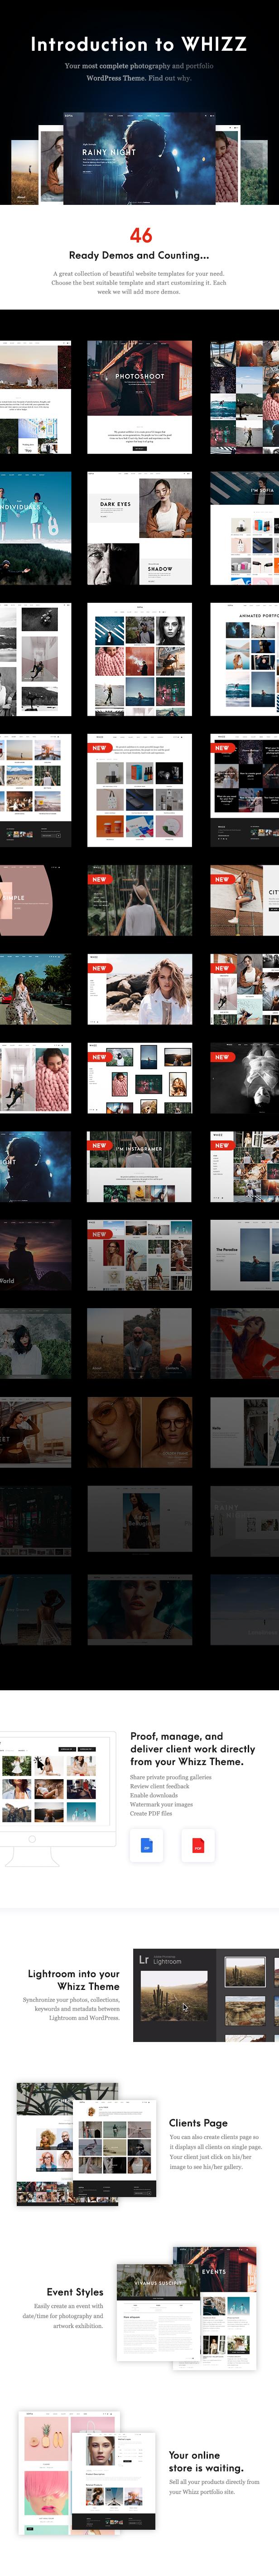 أزيز التصوير الفوتوغرافي WordPress - 6